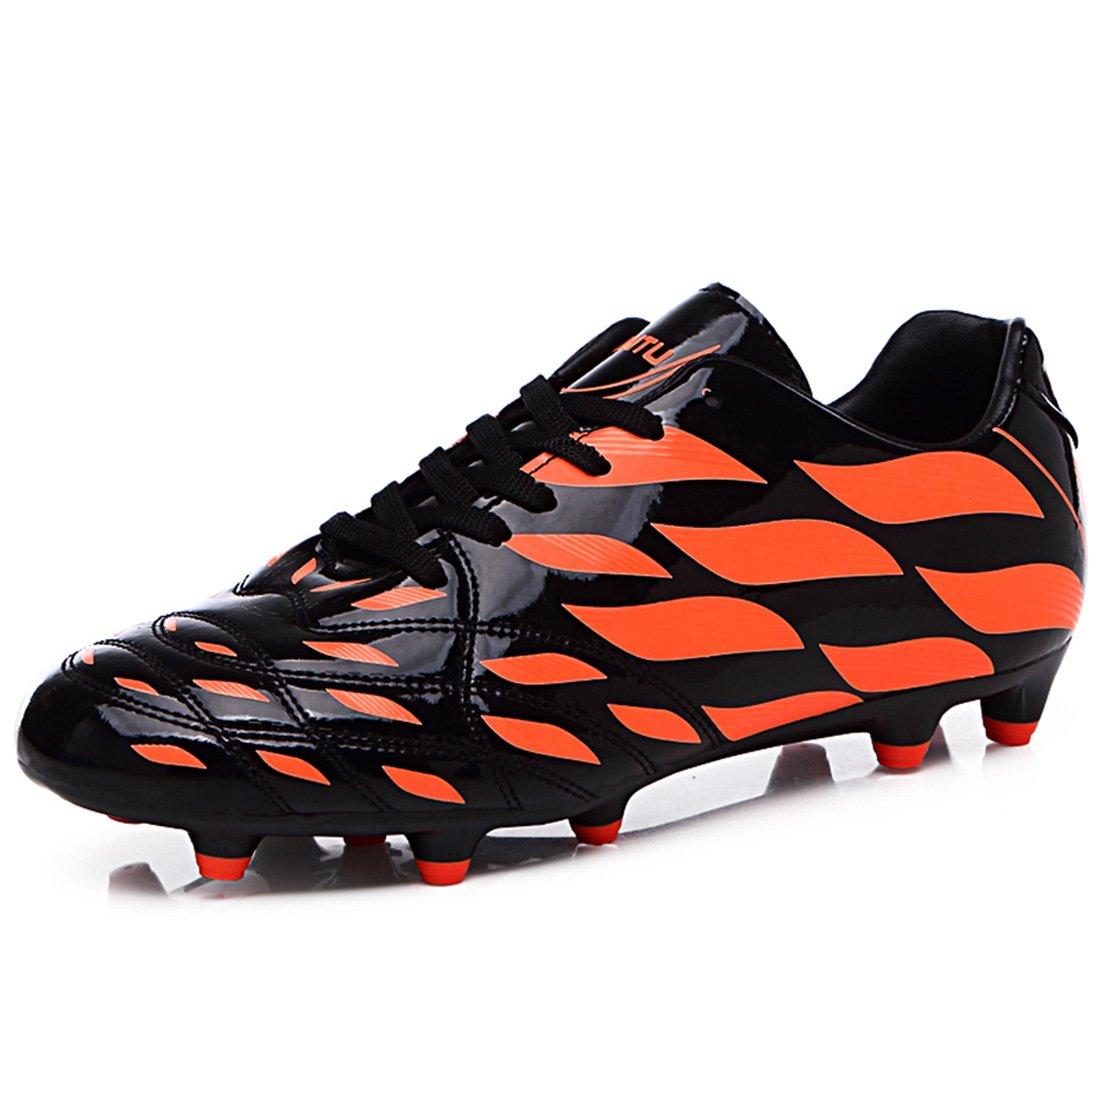 DANDANJIE Männer Fußball Schuhe Jugend Spikes Niedrig-Top Tragbare Trainingsschuhe Rutschfeste Trainingsschuhe Student Turnschuhe (35-44)